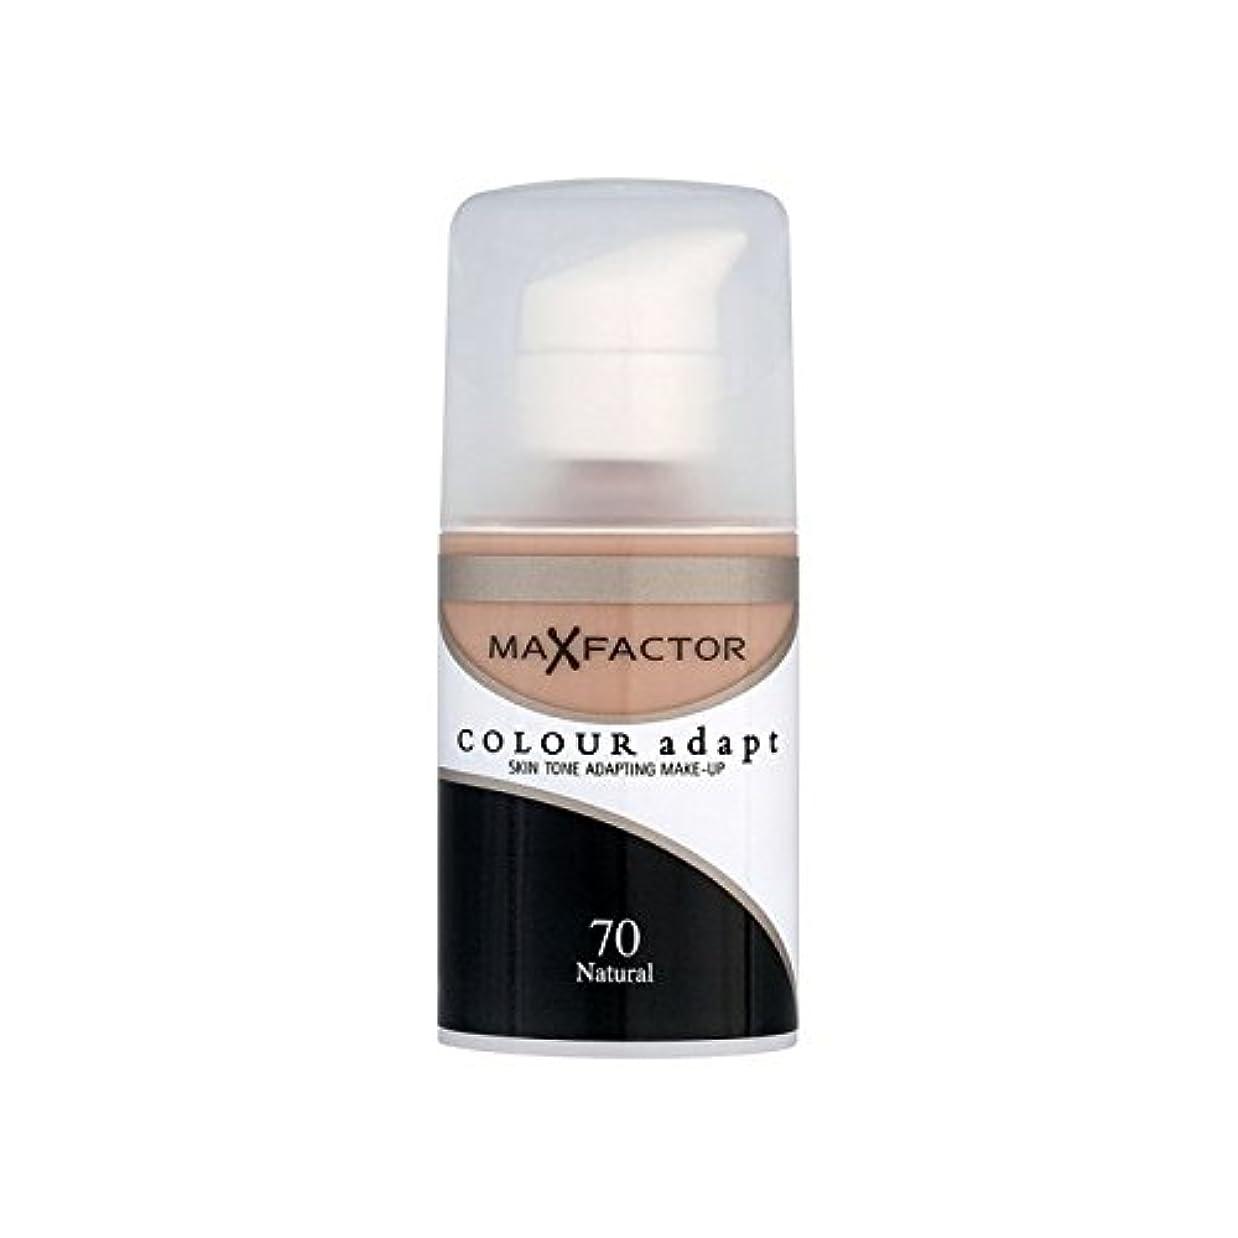 擬人メッシュ配偶者マックスファクターの色は、基礎自然70を適応させます x4 - Max Factor Colour Adapt Foundation Natural 70 (Pack of 4) [並行輸入品]